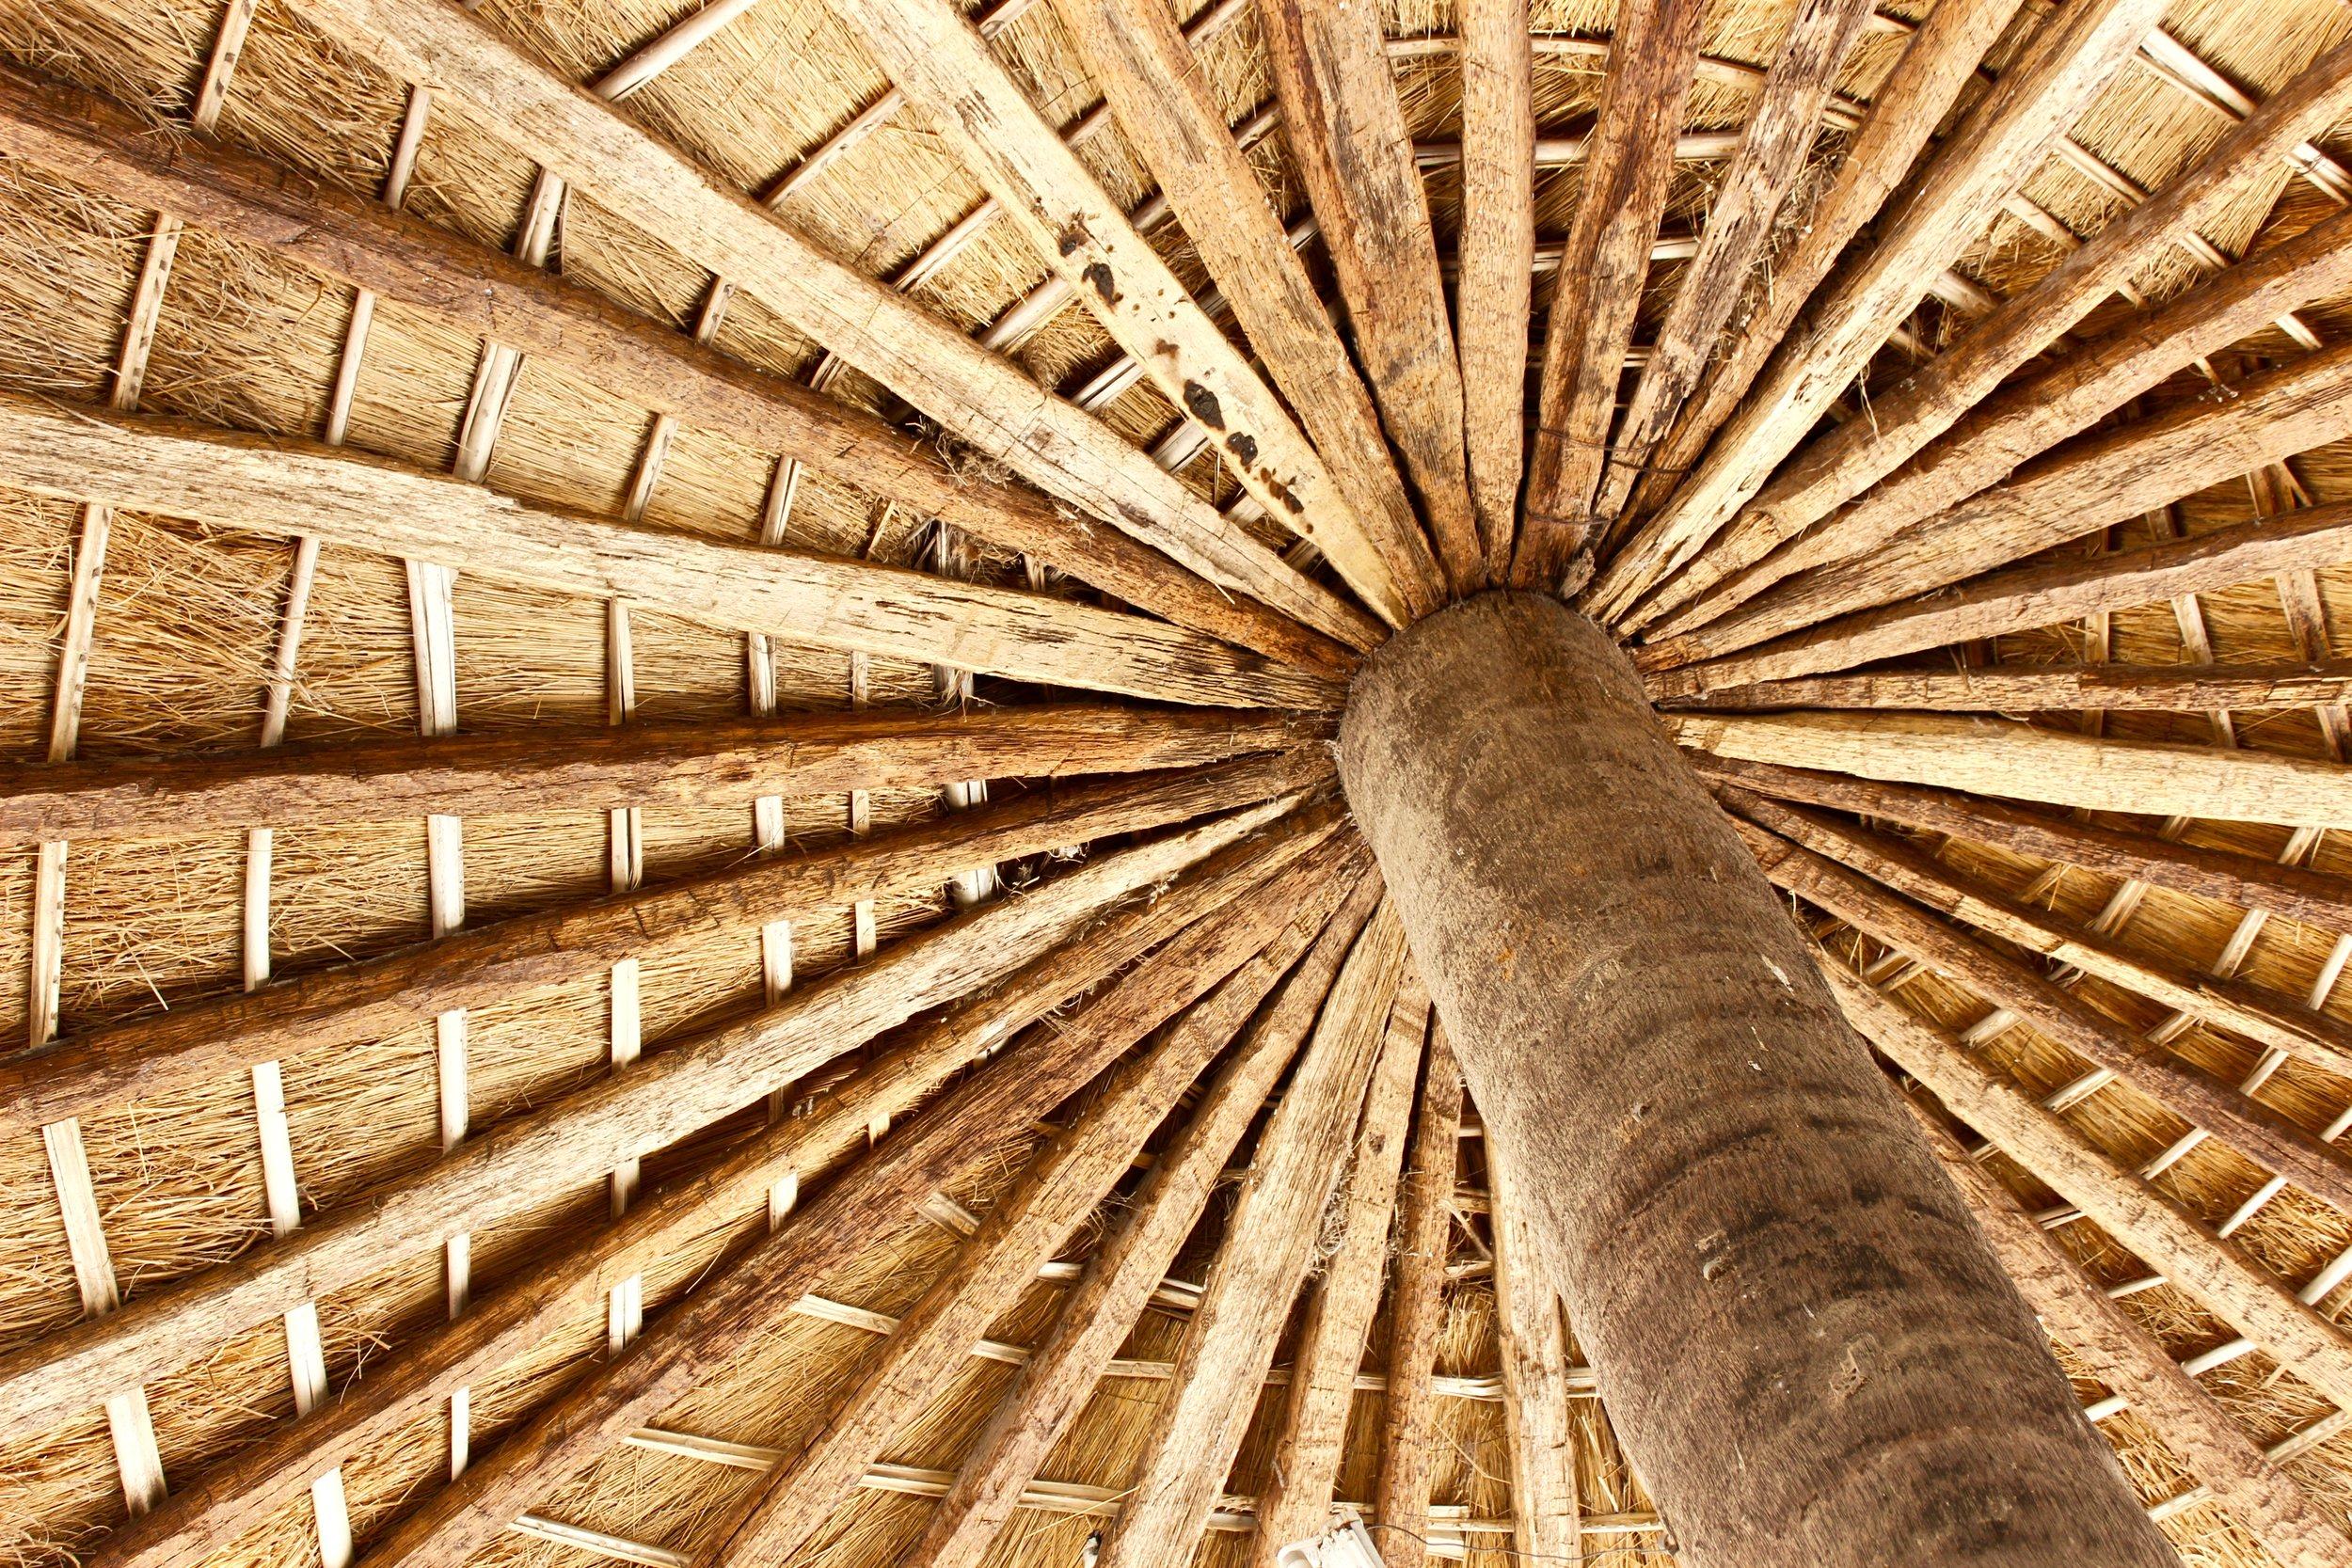 círculos esenciales - Plantamos iglesias como construimos techos de paja: en círculos esenciales.